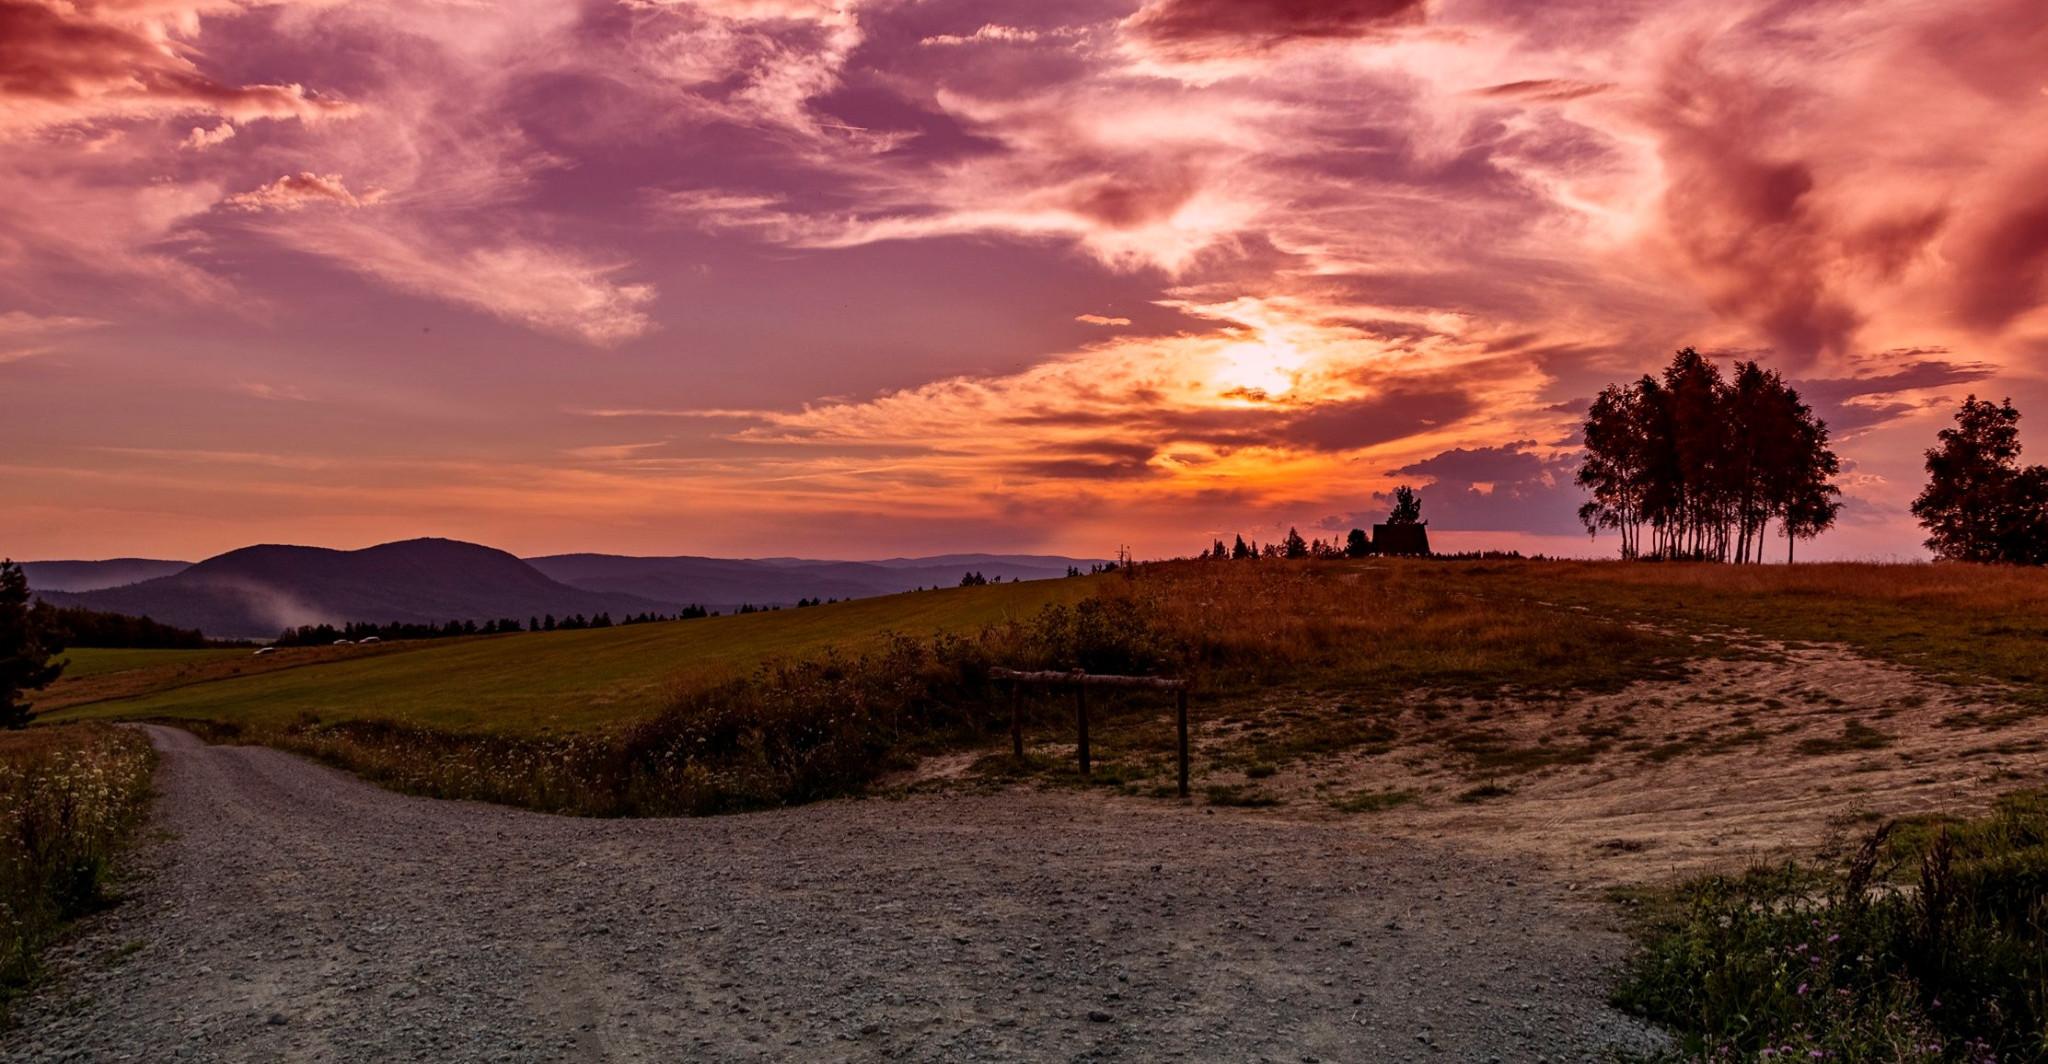 Piękny zachód słońca! Krwistoczerwone niebo (ZDJĘCIA)